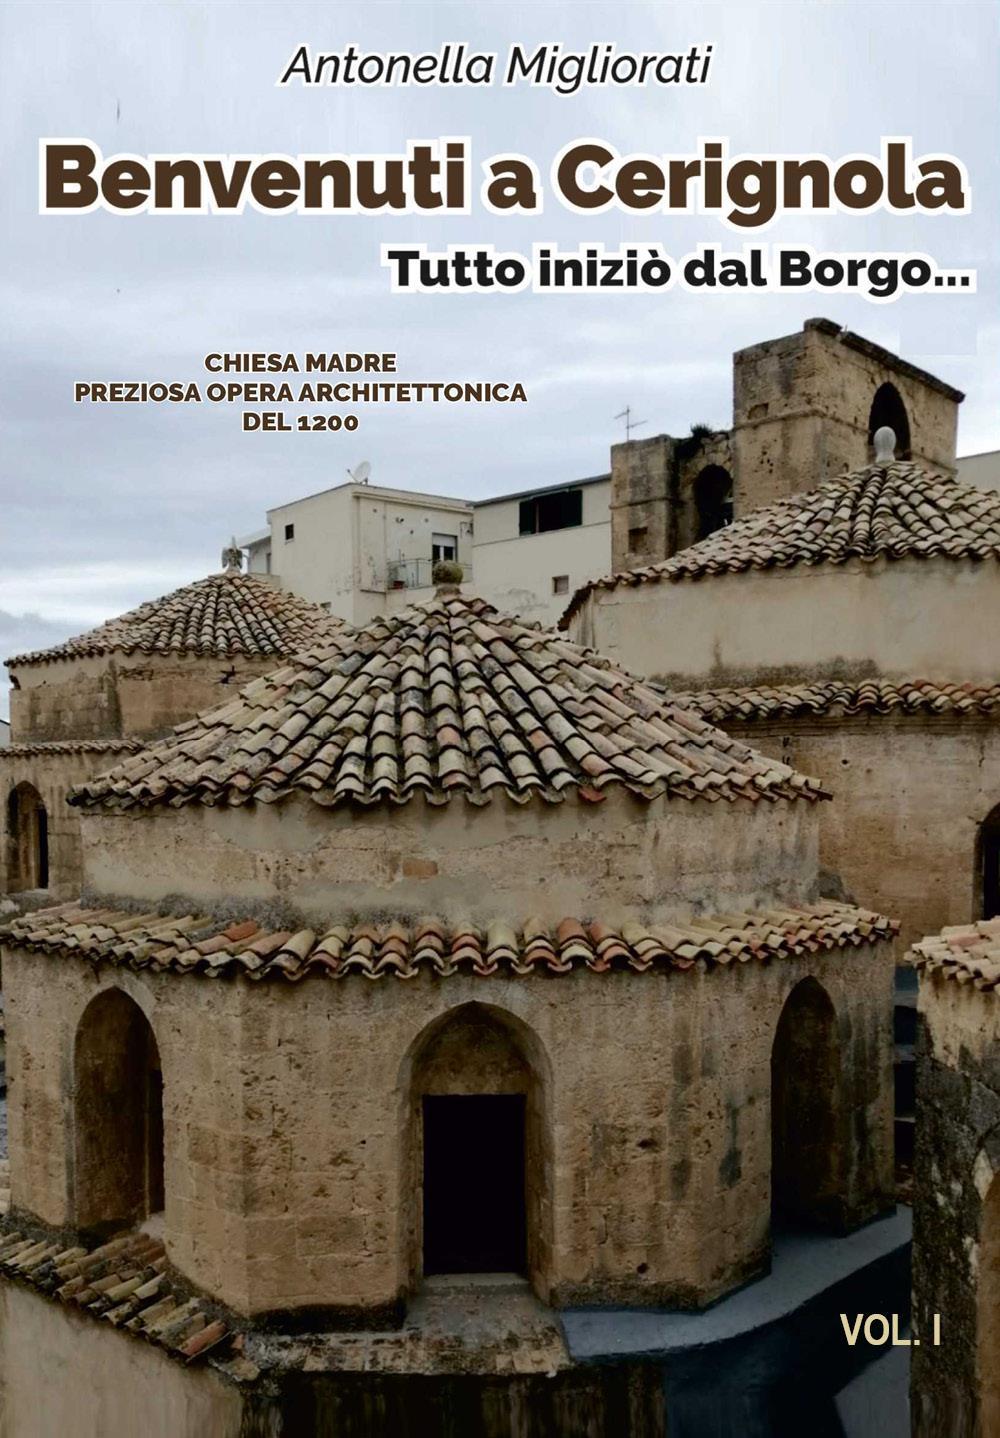 Benvenuti a Cerignola